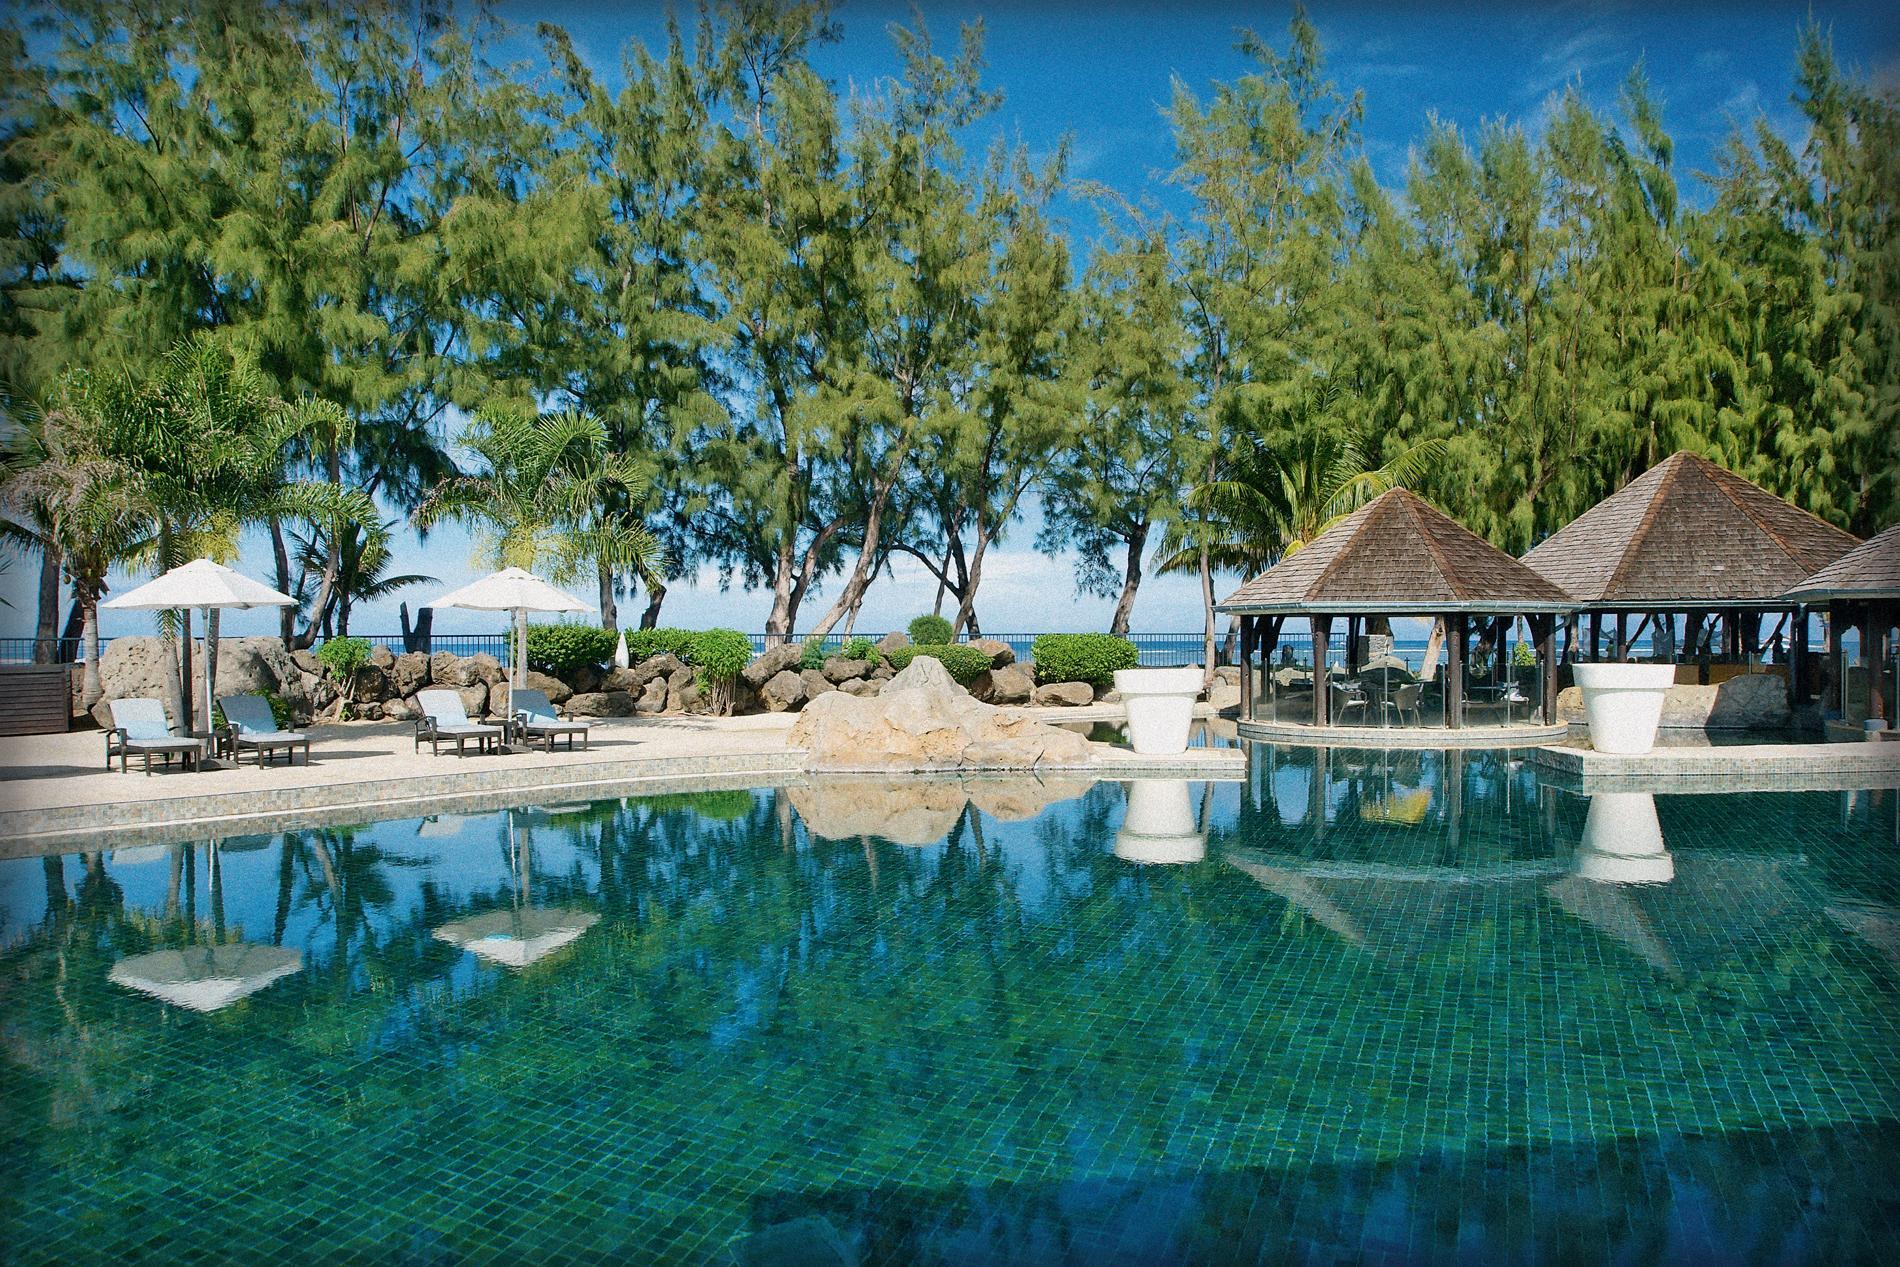 Attrayant Exceptionnel 10 Destinations Pour Des Vacances Sur Une île De Rêve   Madame  XL58